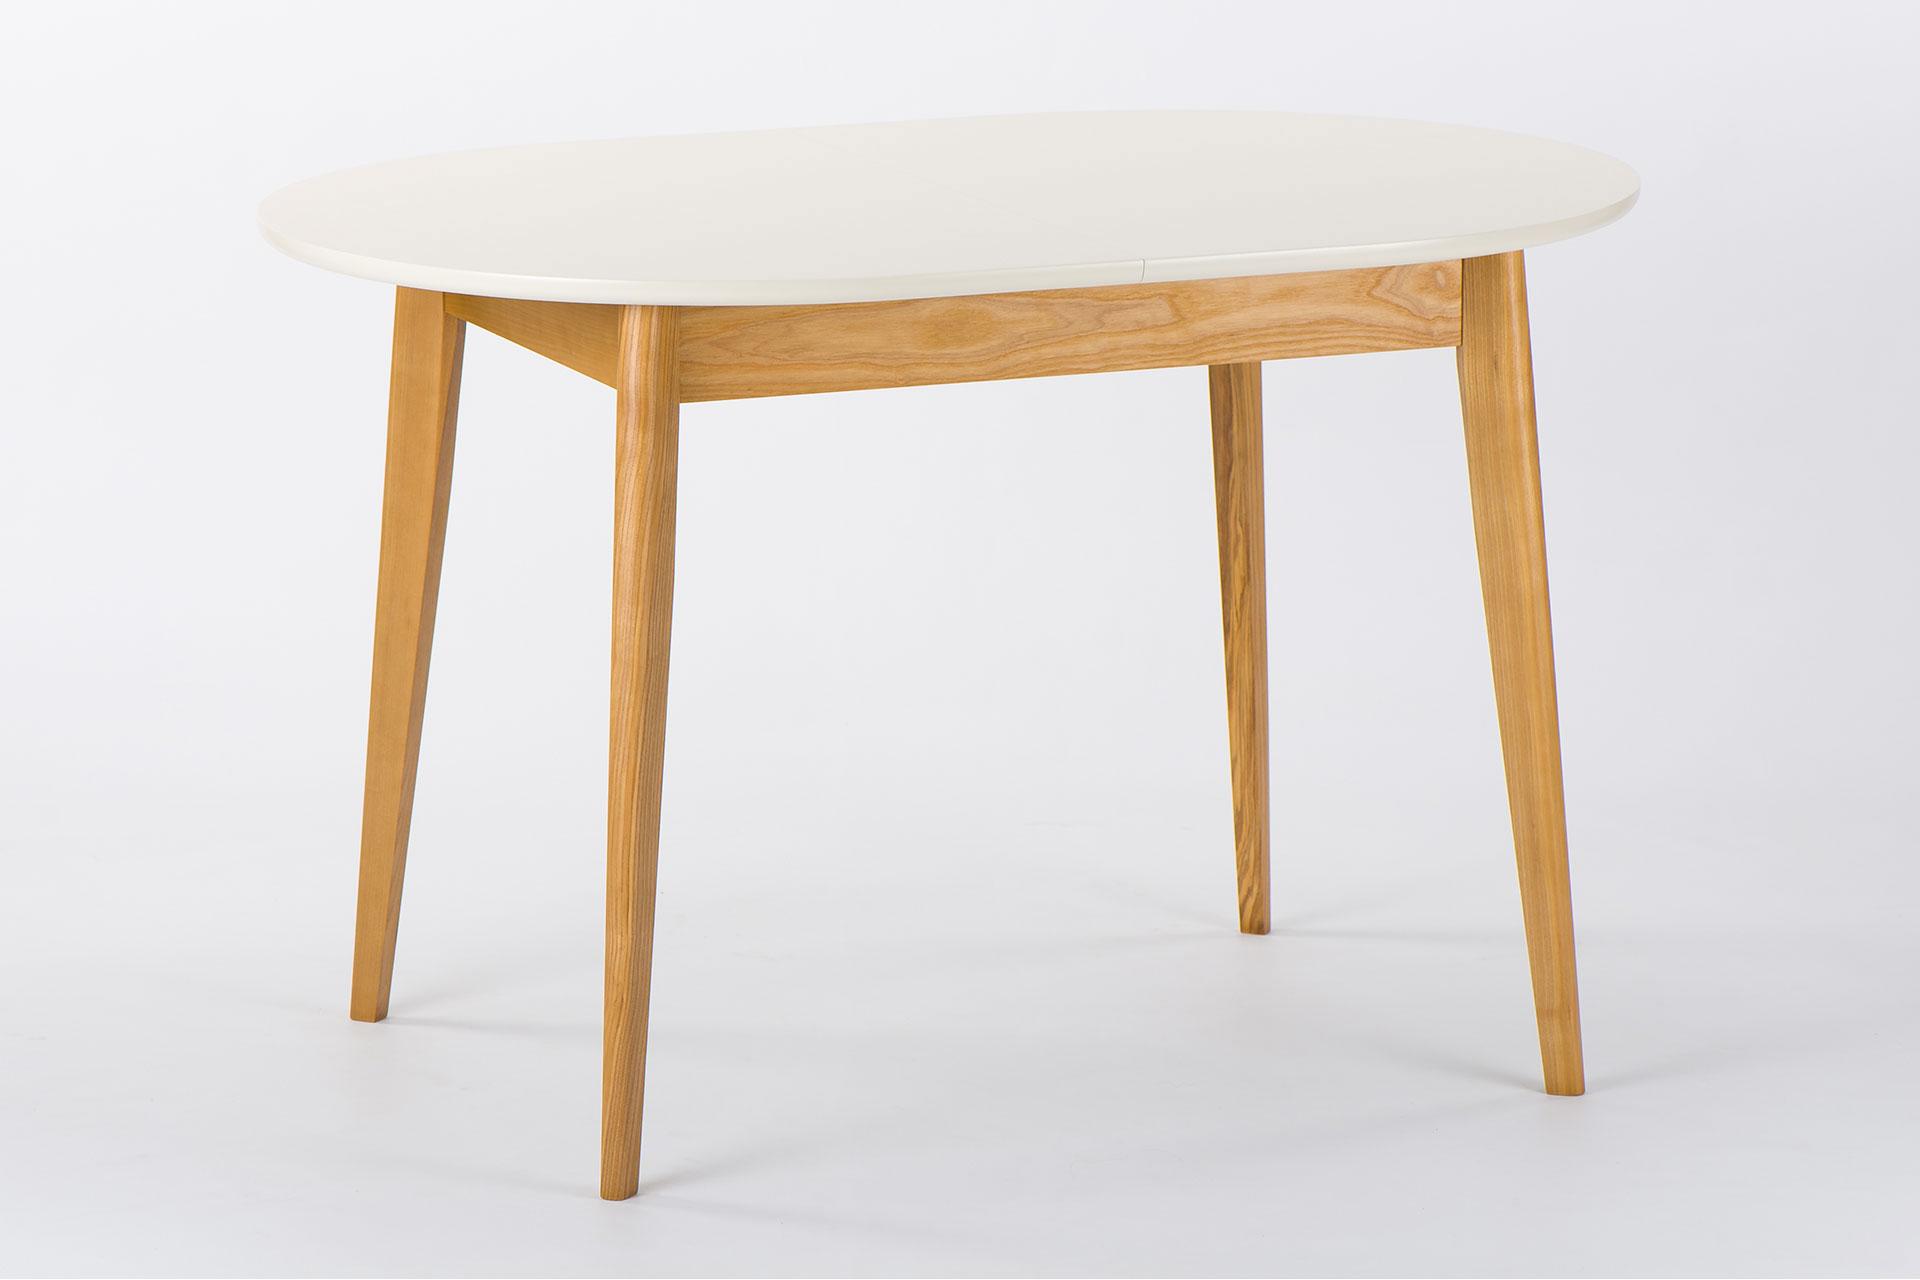 """Овальный стол """"Турин-обновленный"""" - раздвижная столешница покрыта бежевой эмалью и тонированными ножками"""